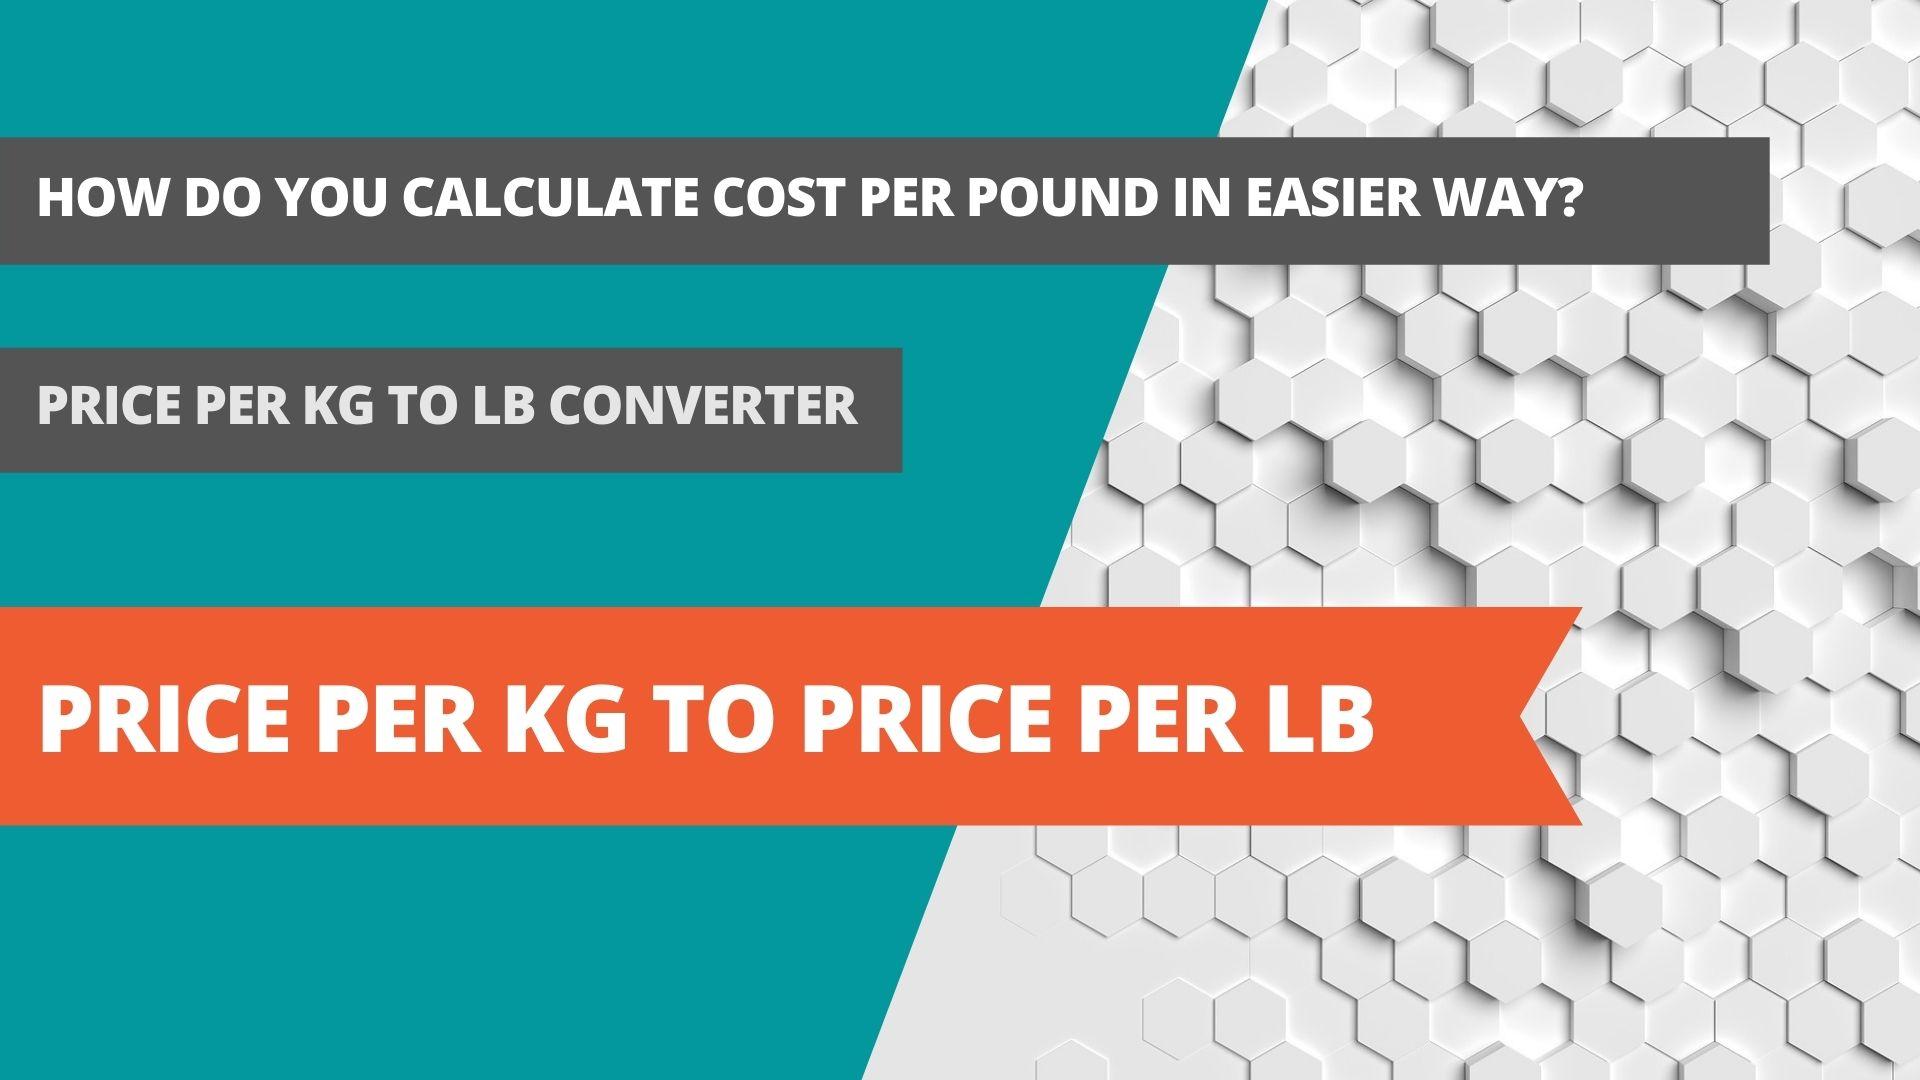 Price per kg to price per lb